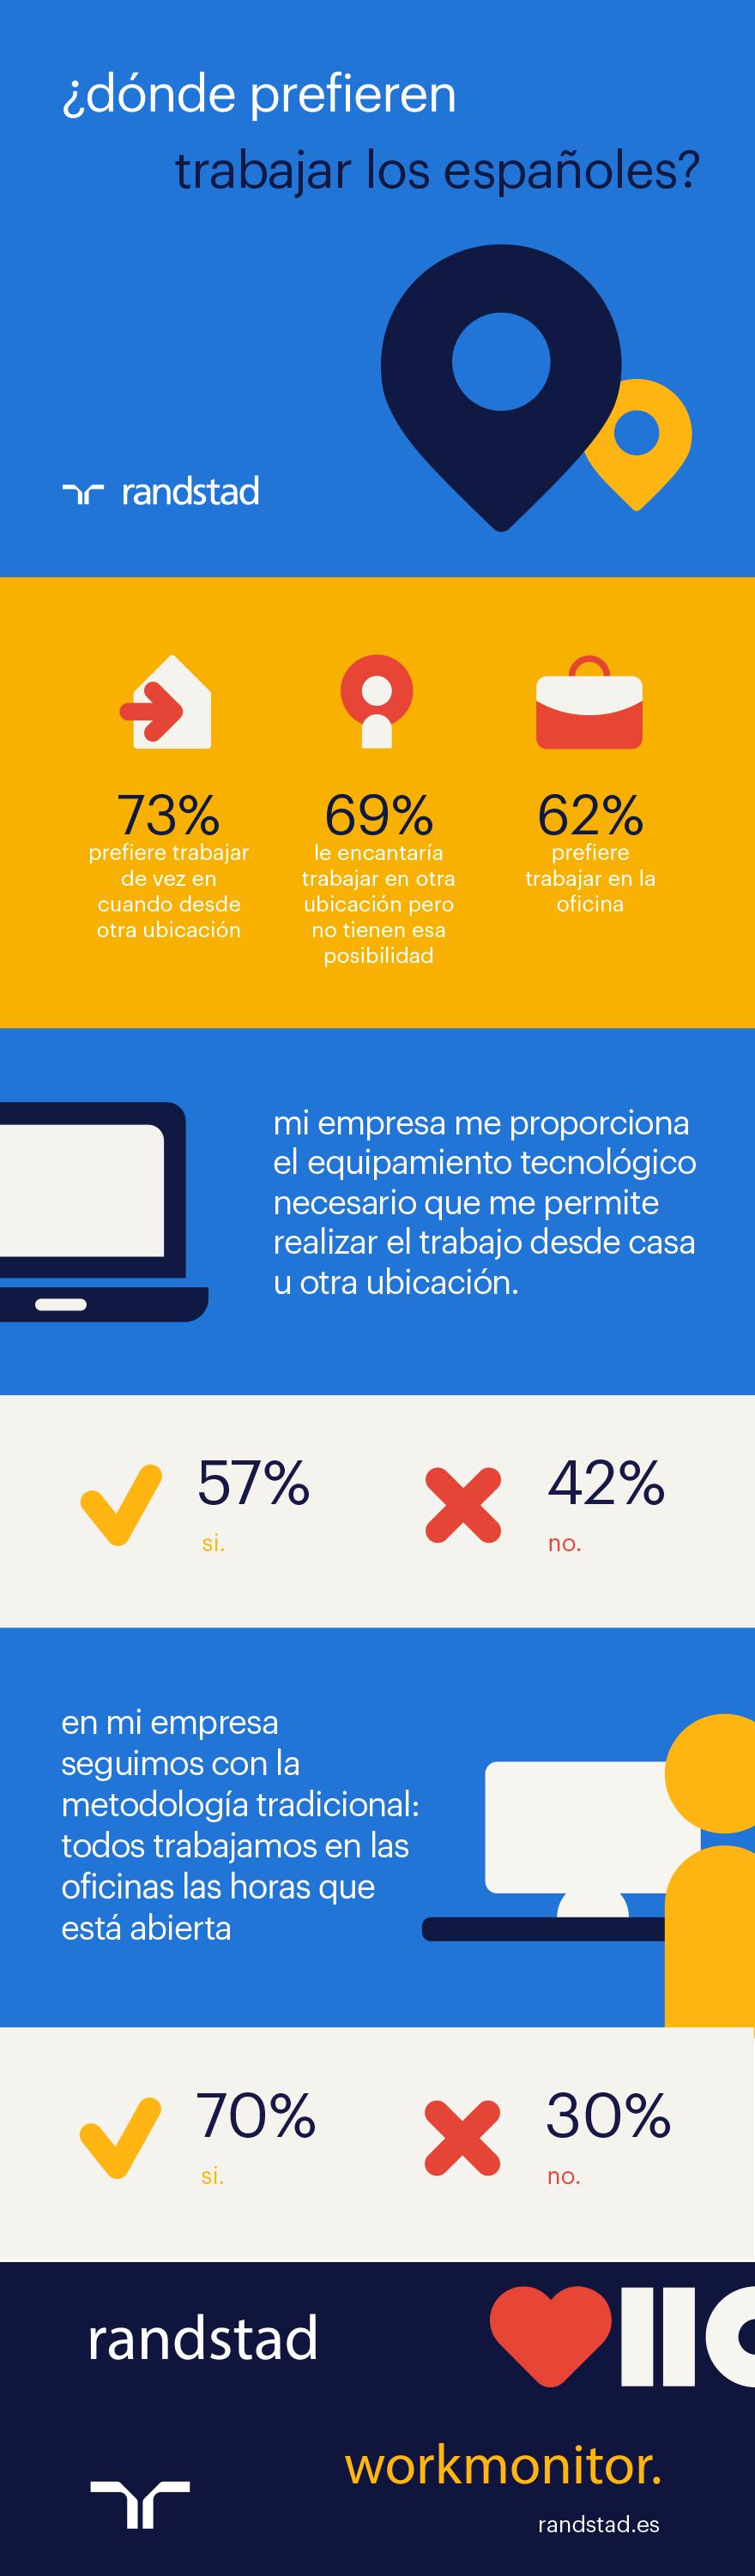 Dónde prefieren trabajar los españoles | Randstad Workmonitor Q1 2018